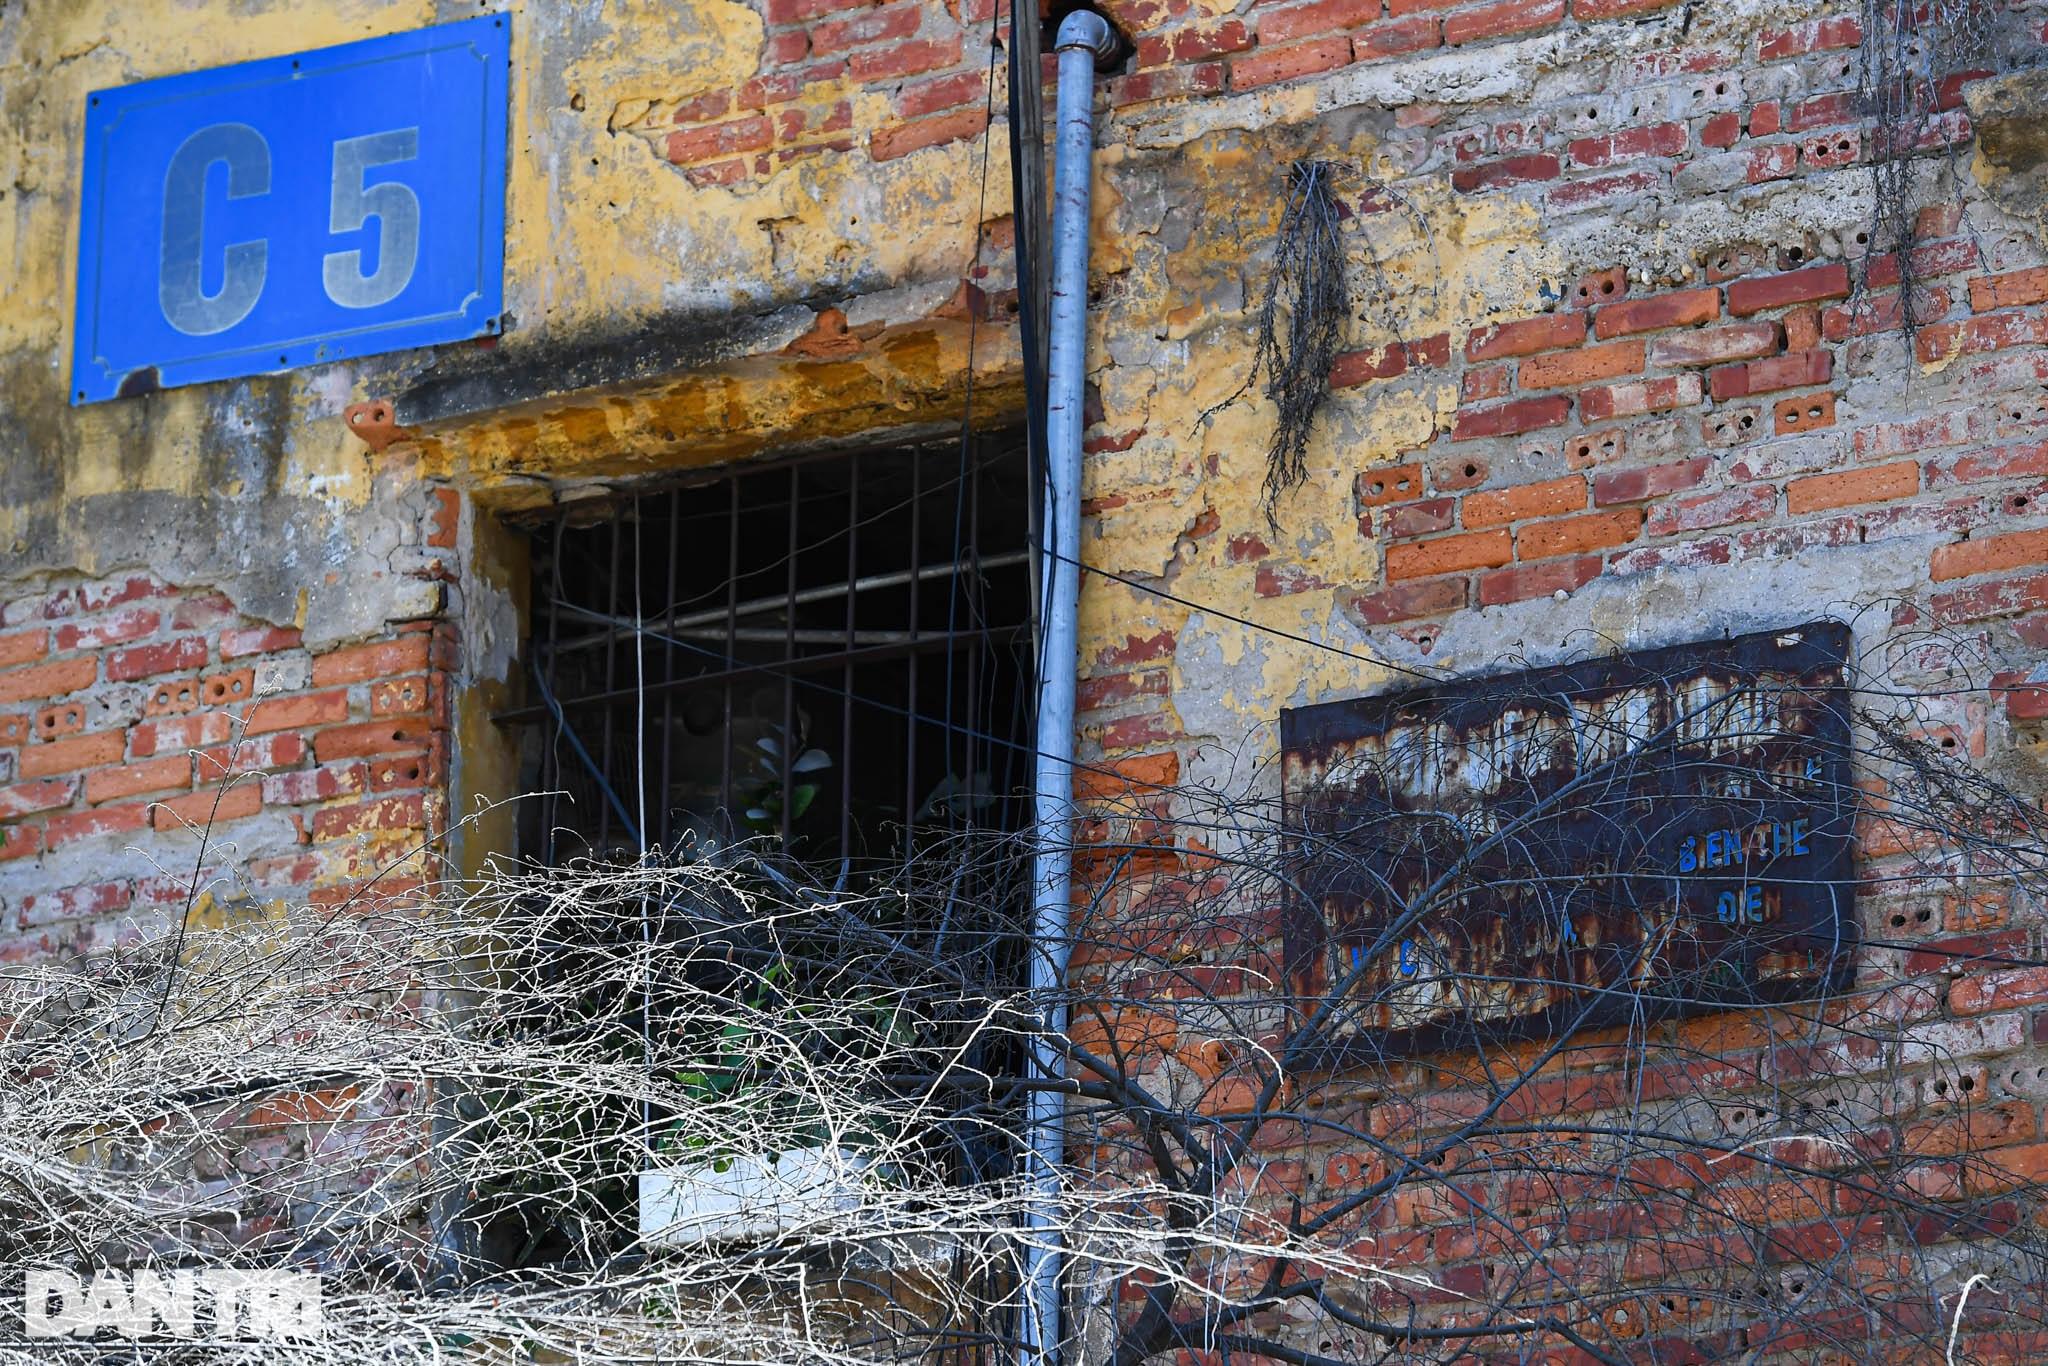 Nhà biến thành hầm ẩm thấp, dột nát tại chung cư tập thể cũ Hà Nội - 2